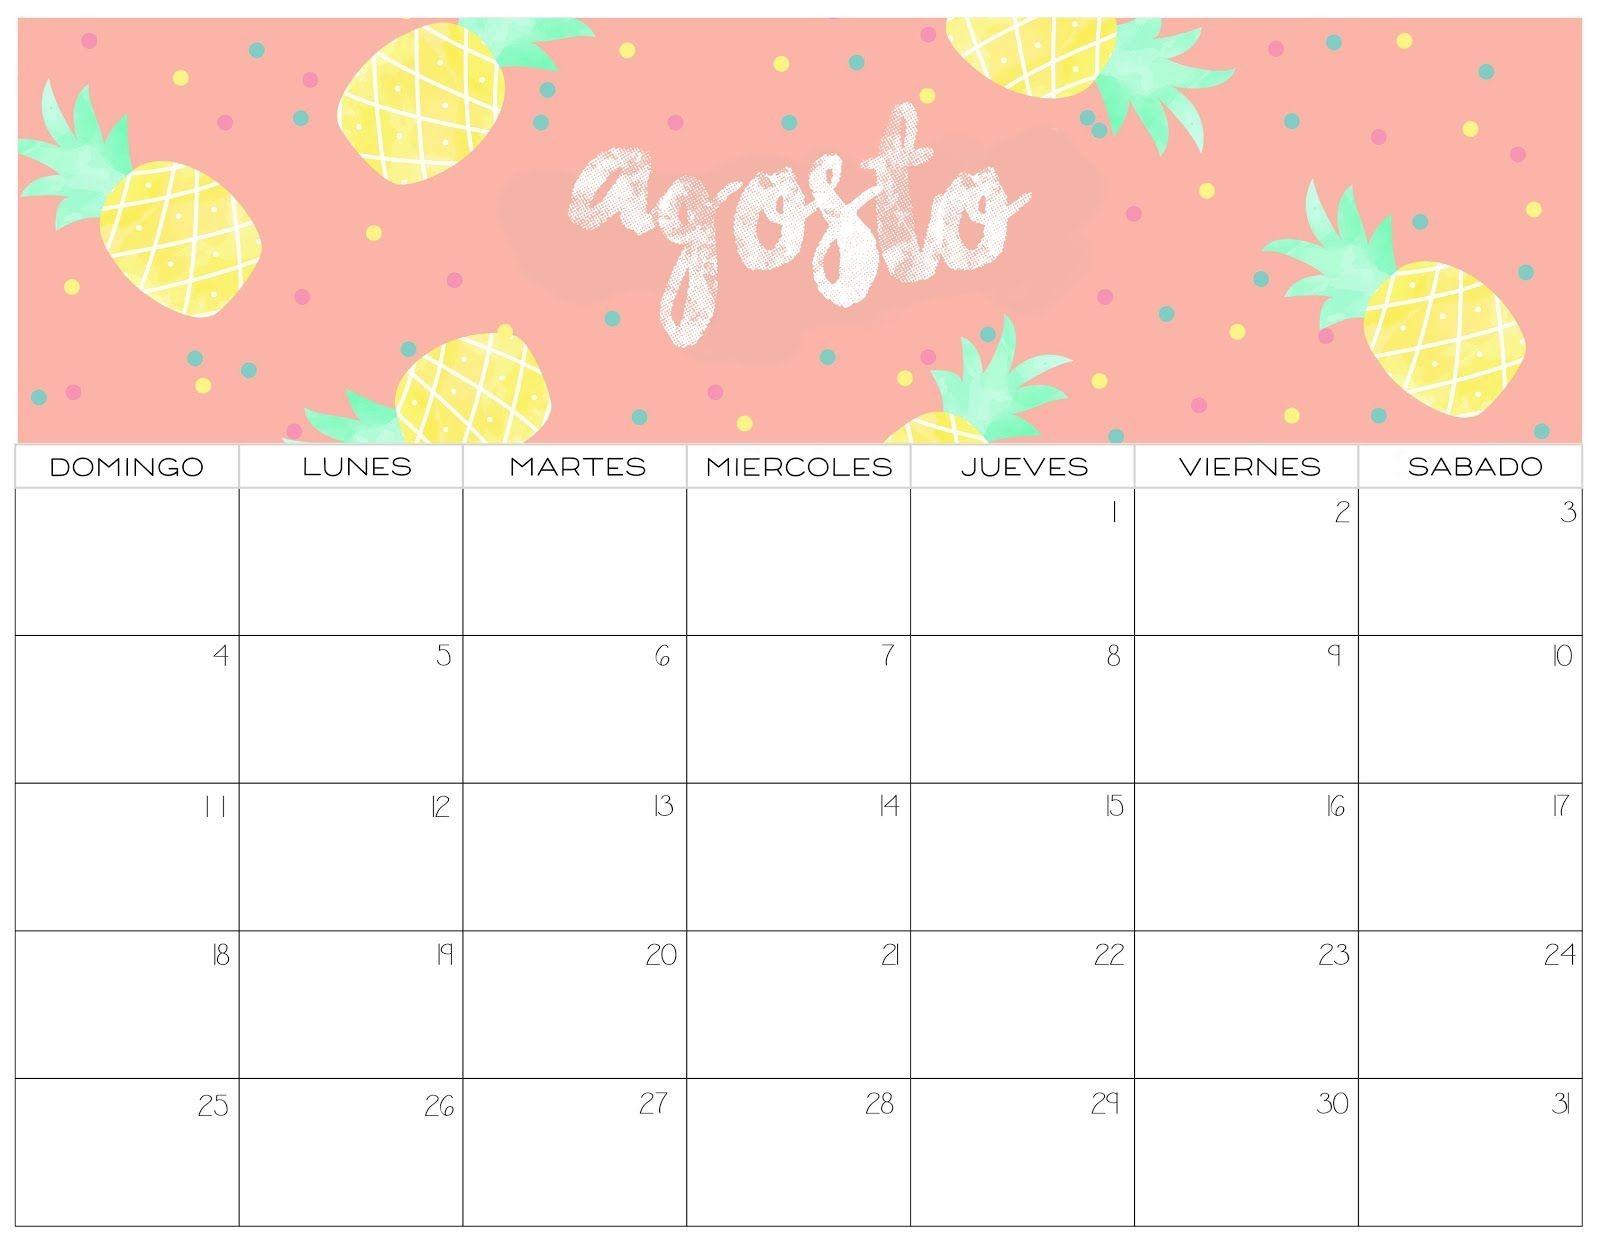 Imprimir Calendario Escolar Más Recientes Calendario 2019 Colorido 2 Estilos Meses Of Imprimir Calendario Escolar Más Recientes Vuelta Al Cole 2017 100 Plantillas Y Horarios Gratis Para